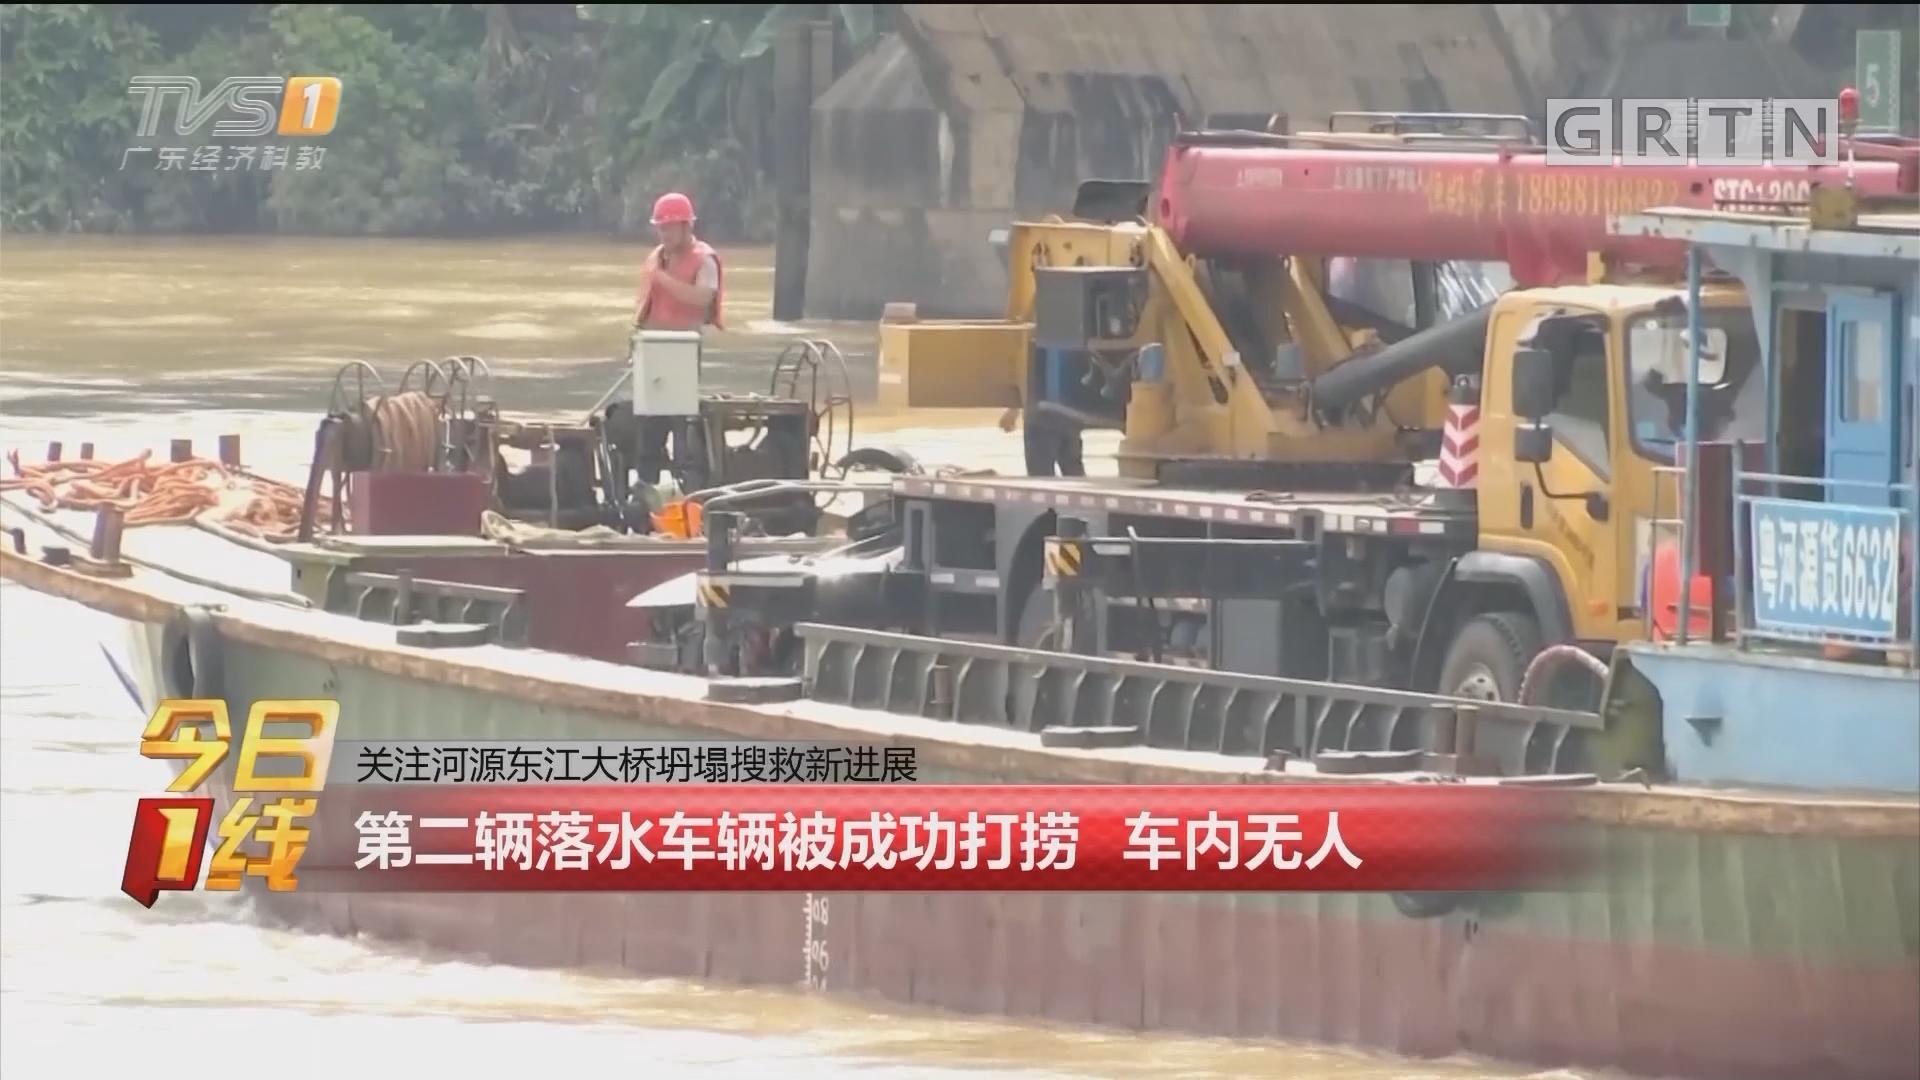 关注河源东江大桥坍塌搜救新进展:第二辆落水车辆被成功打捞 车内无人